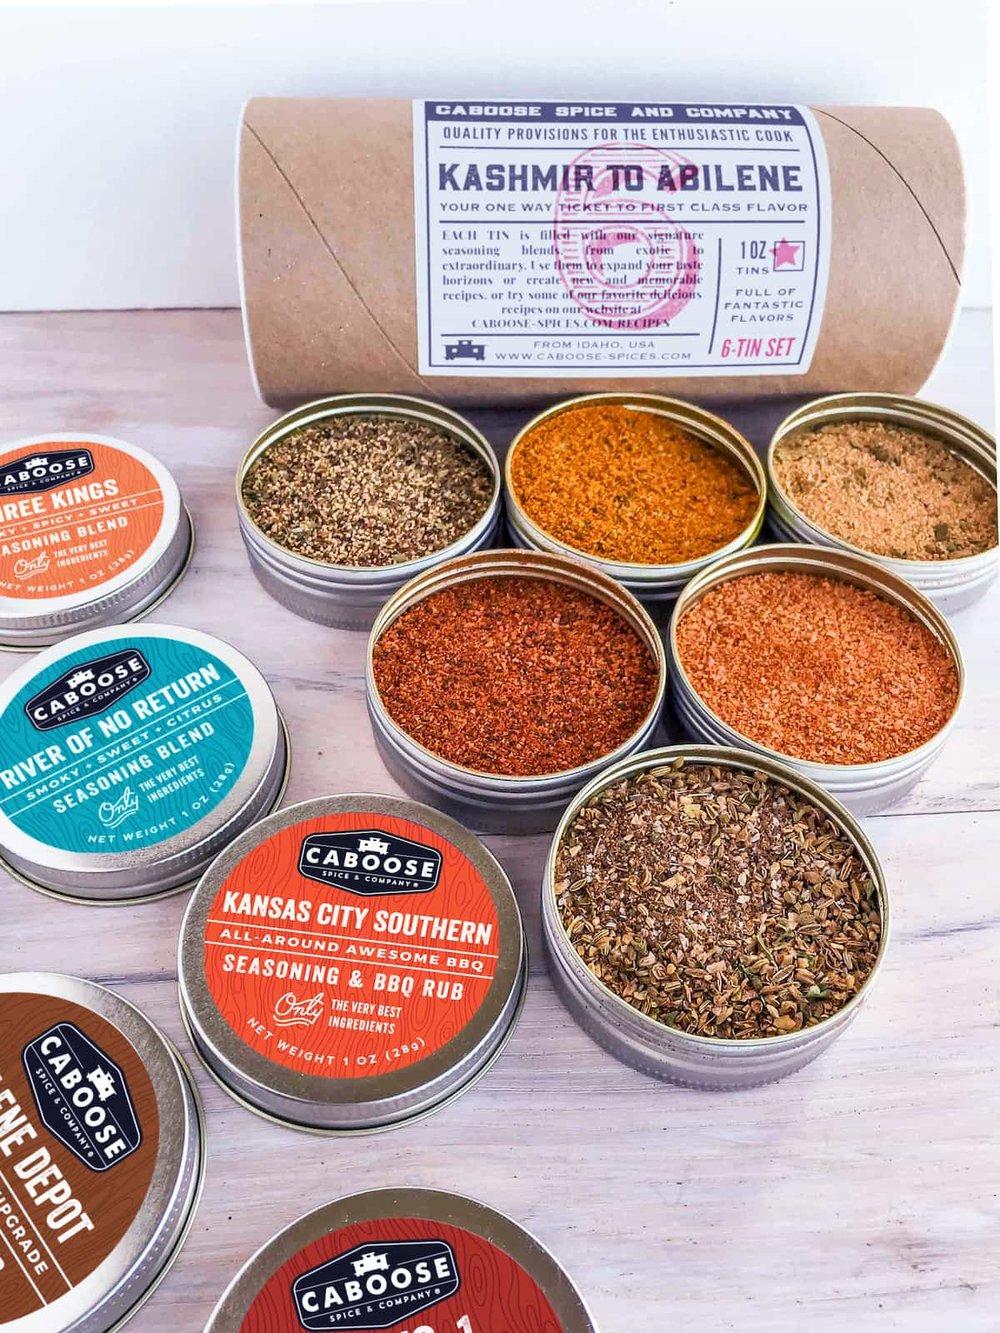 Kashmir-To-Abilene-Spices.jpg